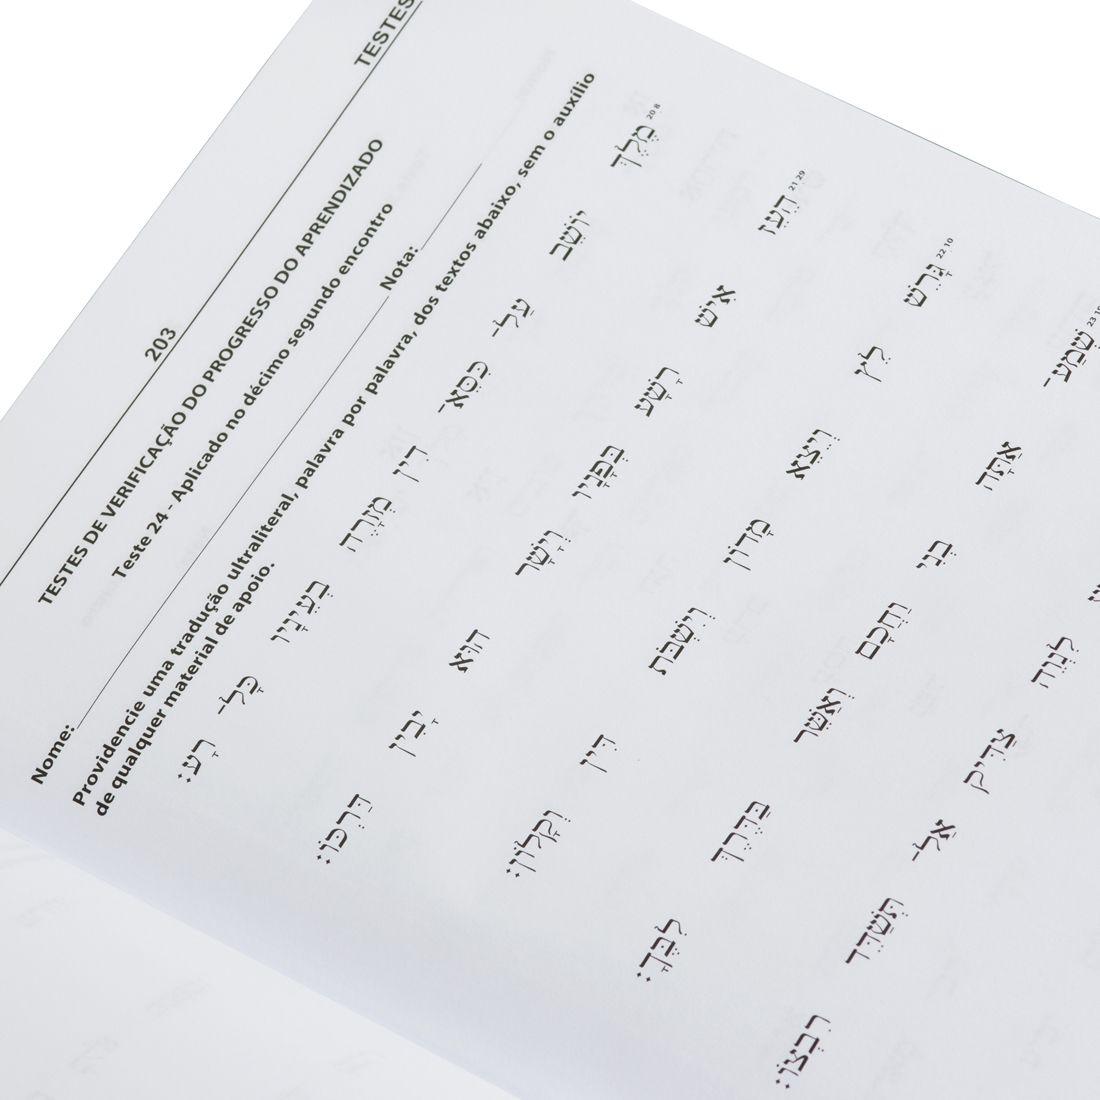 O Livro de Provérbios Analítico e Interlinear  - Universo Bíblico Rs